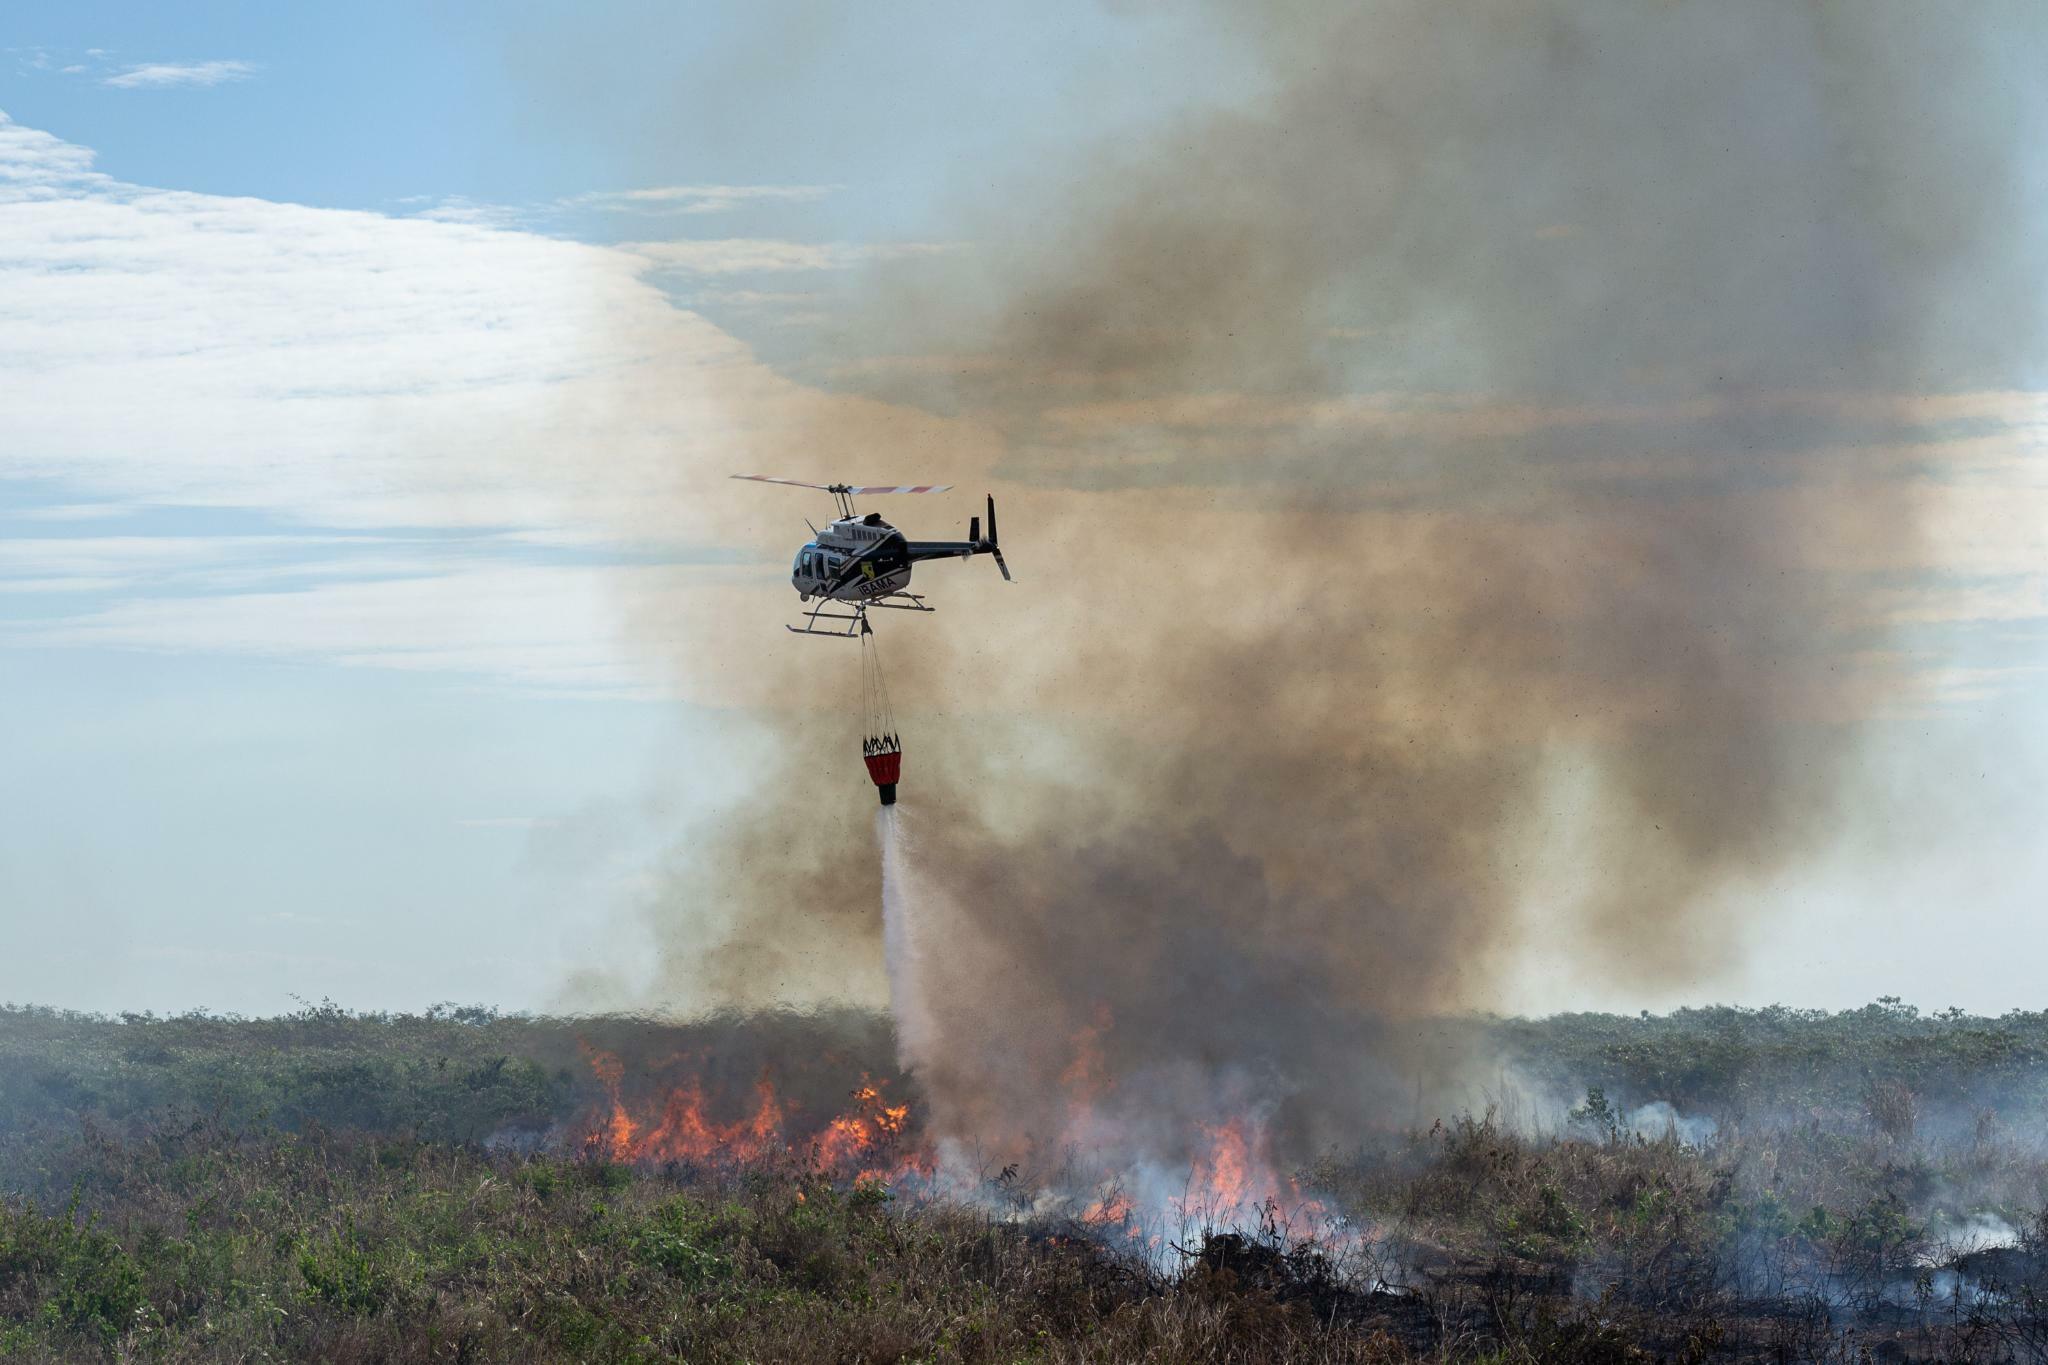 Amazonasgebiet: Umweltministerin lässt Förderung für Amazonas-Regenwald auf Eis